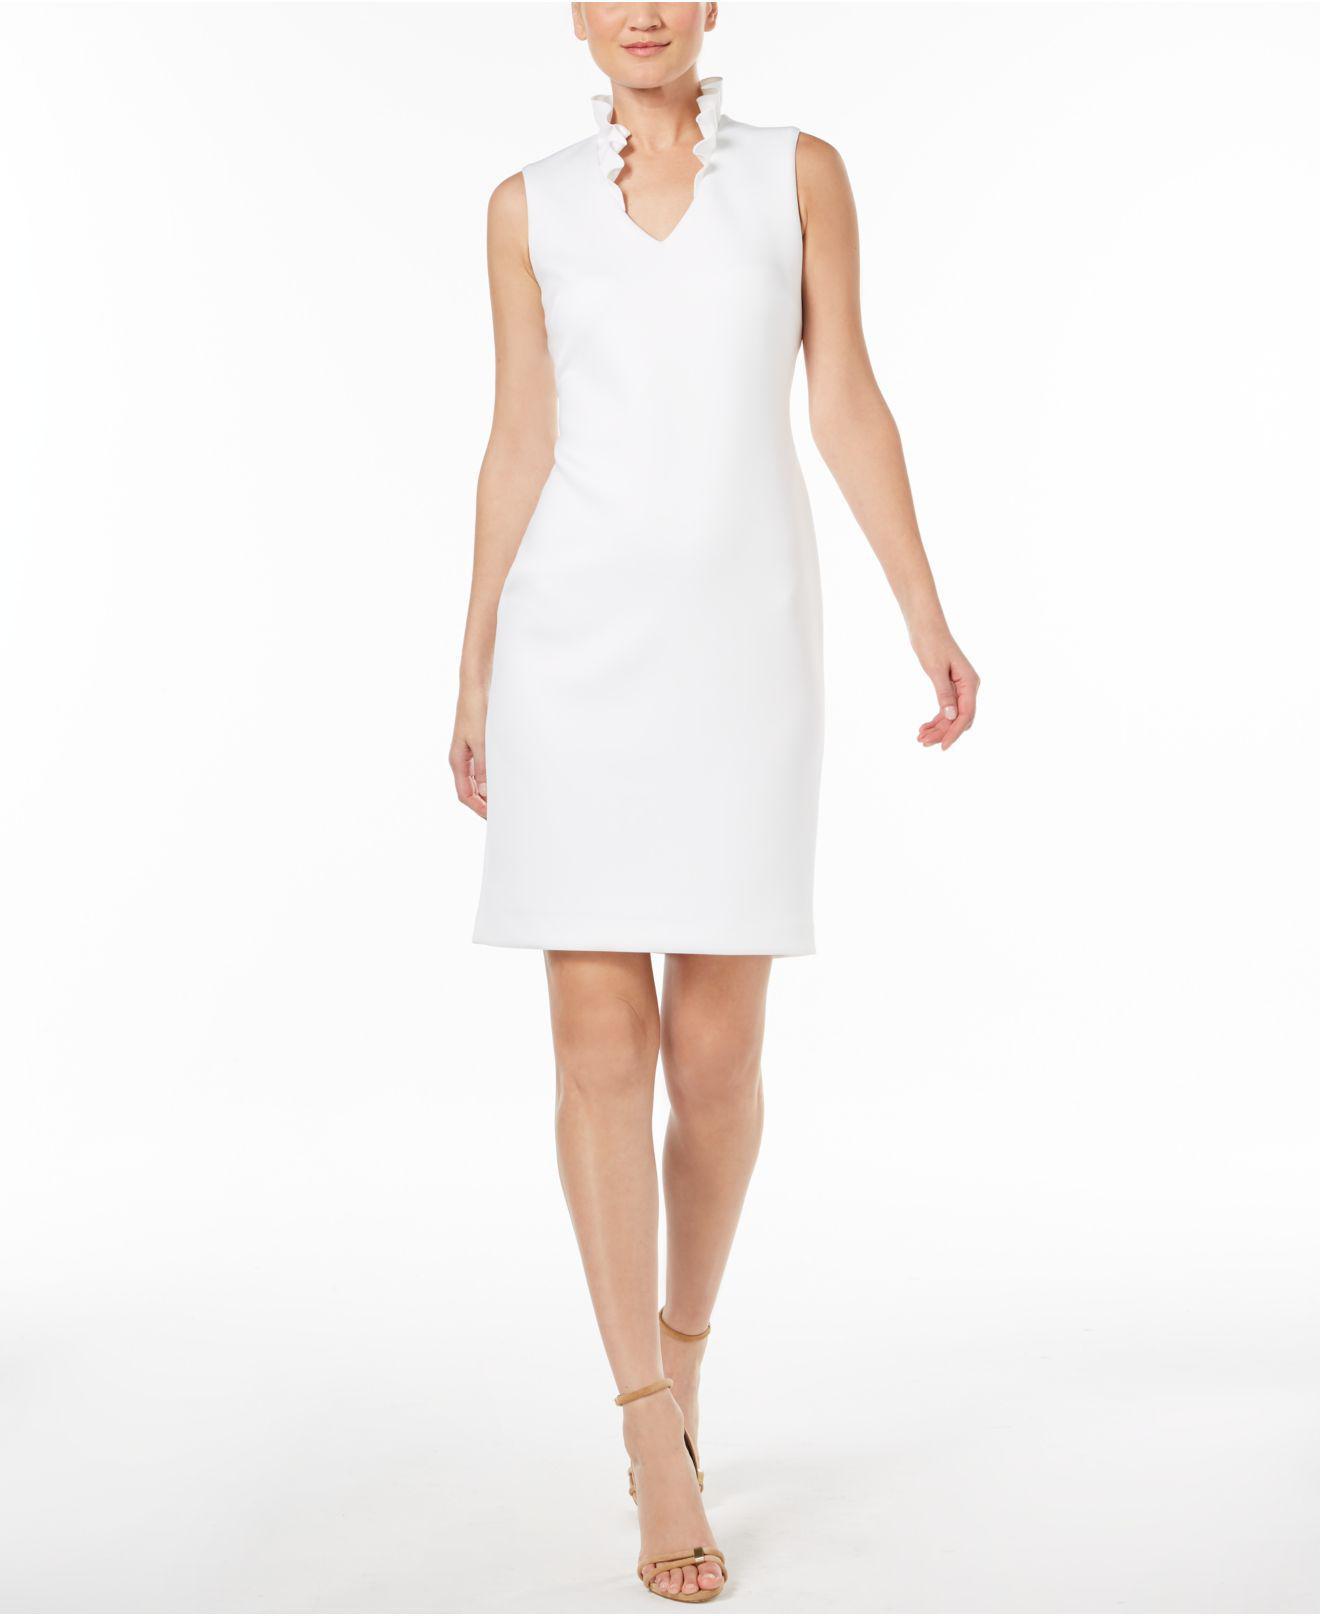 fc22ed0baa8 Calvin Klein Ruffled-collar Scuba Sheath Dress in White - Lyst